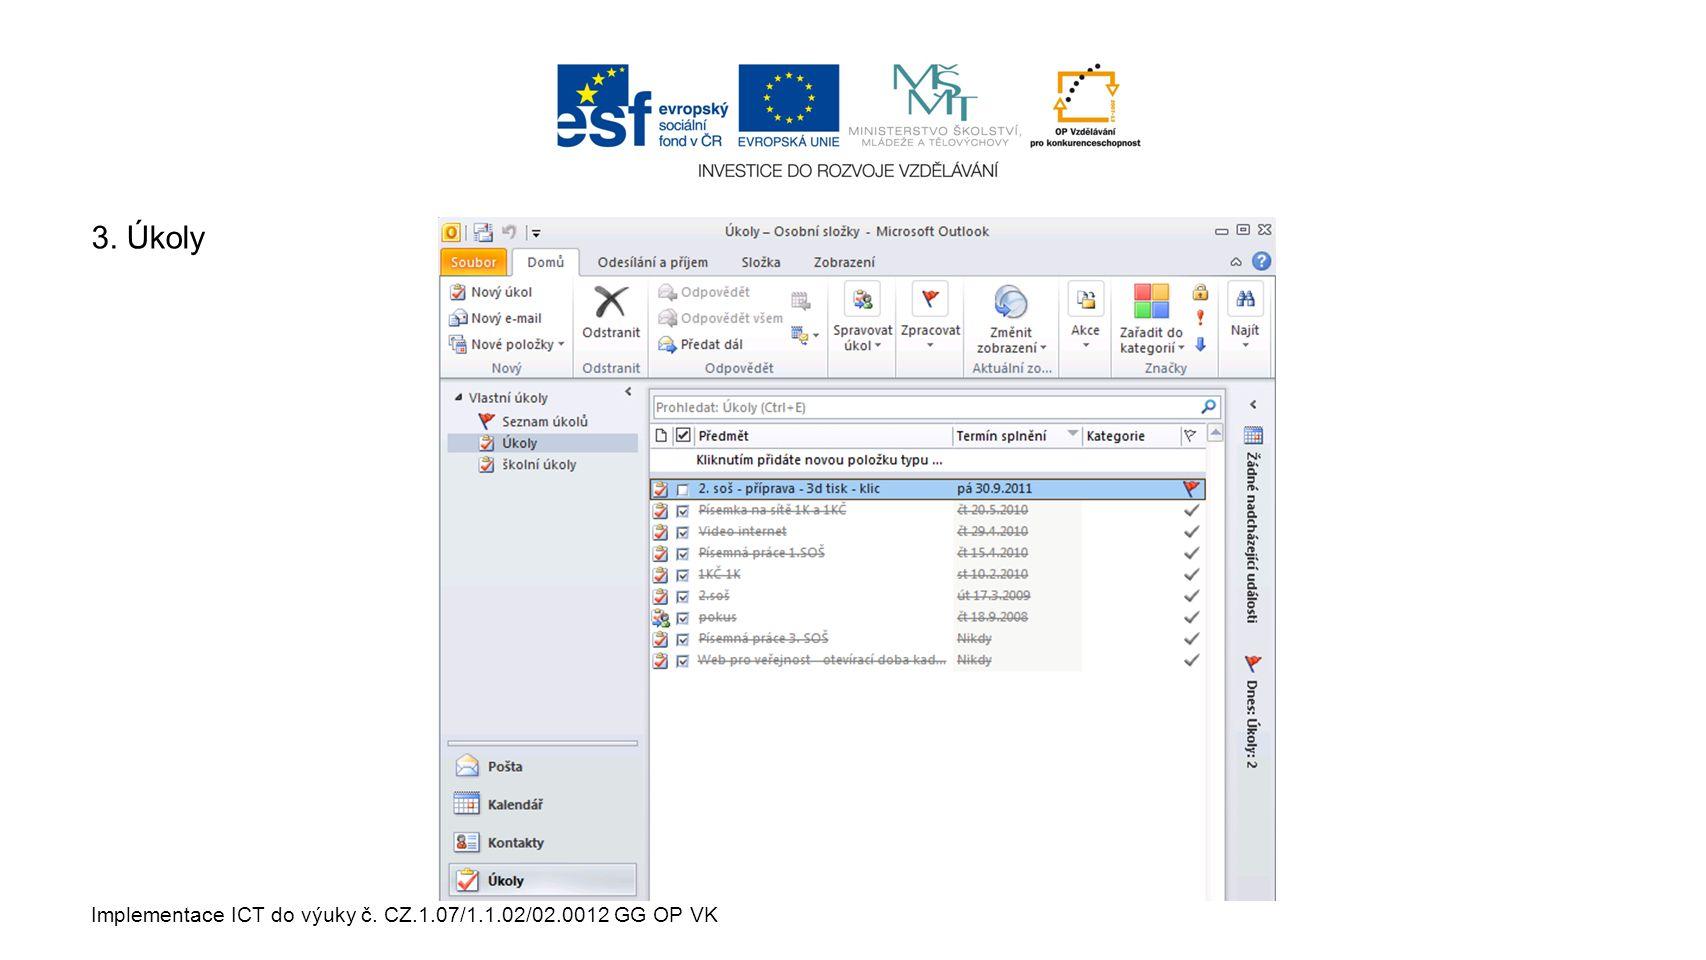 Implementace ICT do výuky č. CZ.1.07/1.1.02/02.0012 GG OP VK 3. Úkoly